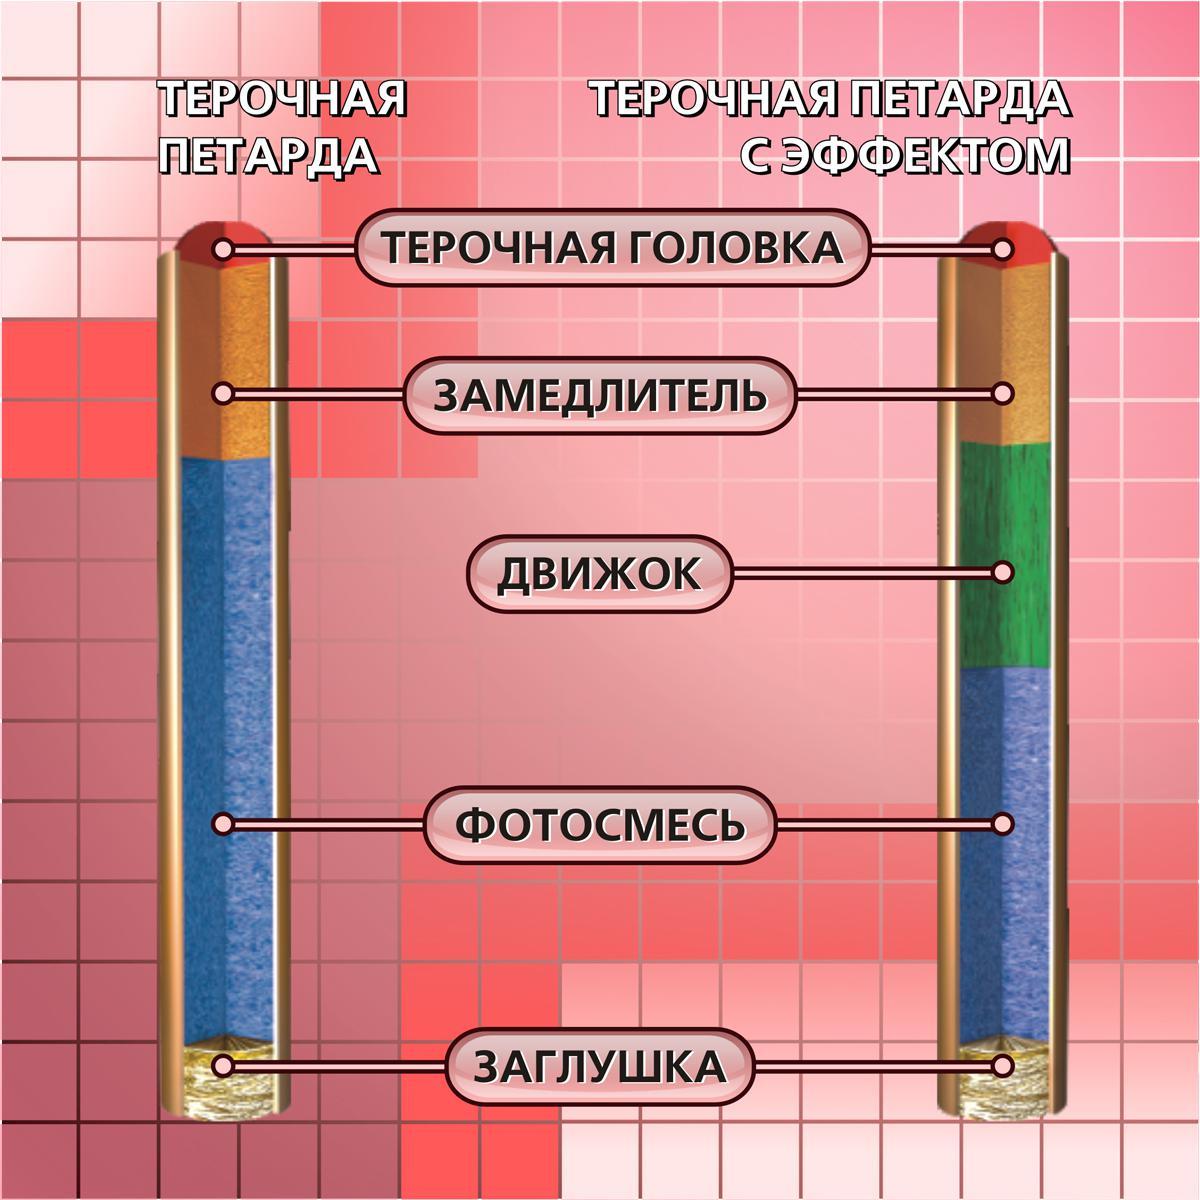 Фитильные петарды в Москве купить петарды 94